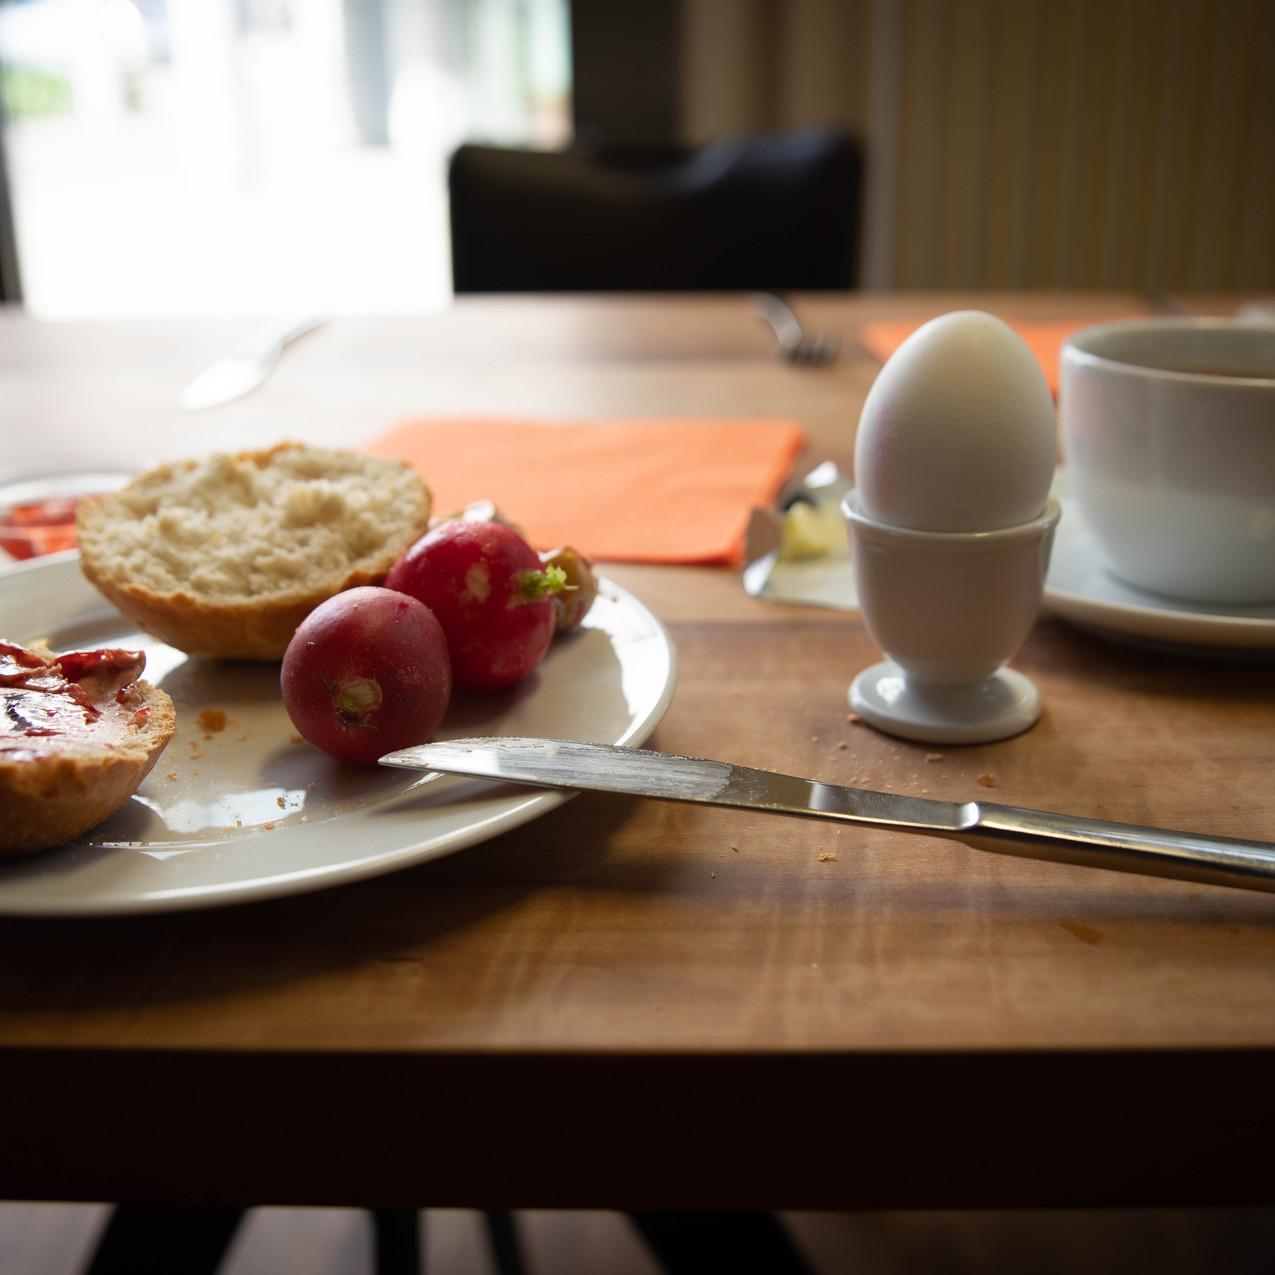 Frühstück vor der Hochzeit, lasst uns genießen